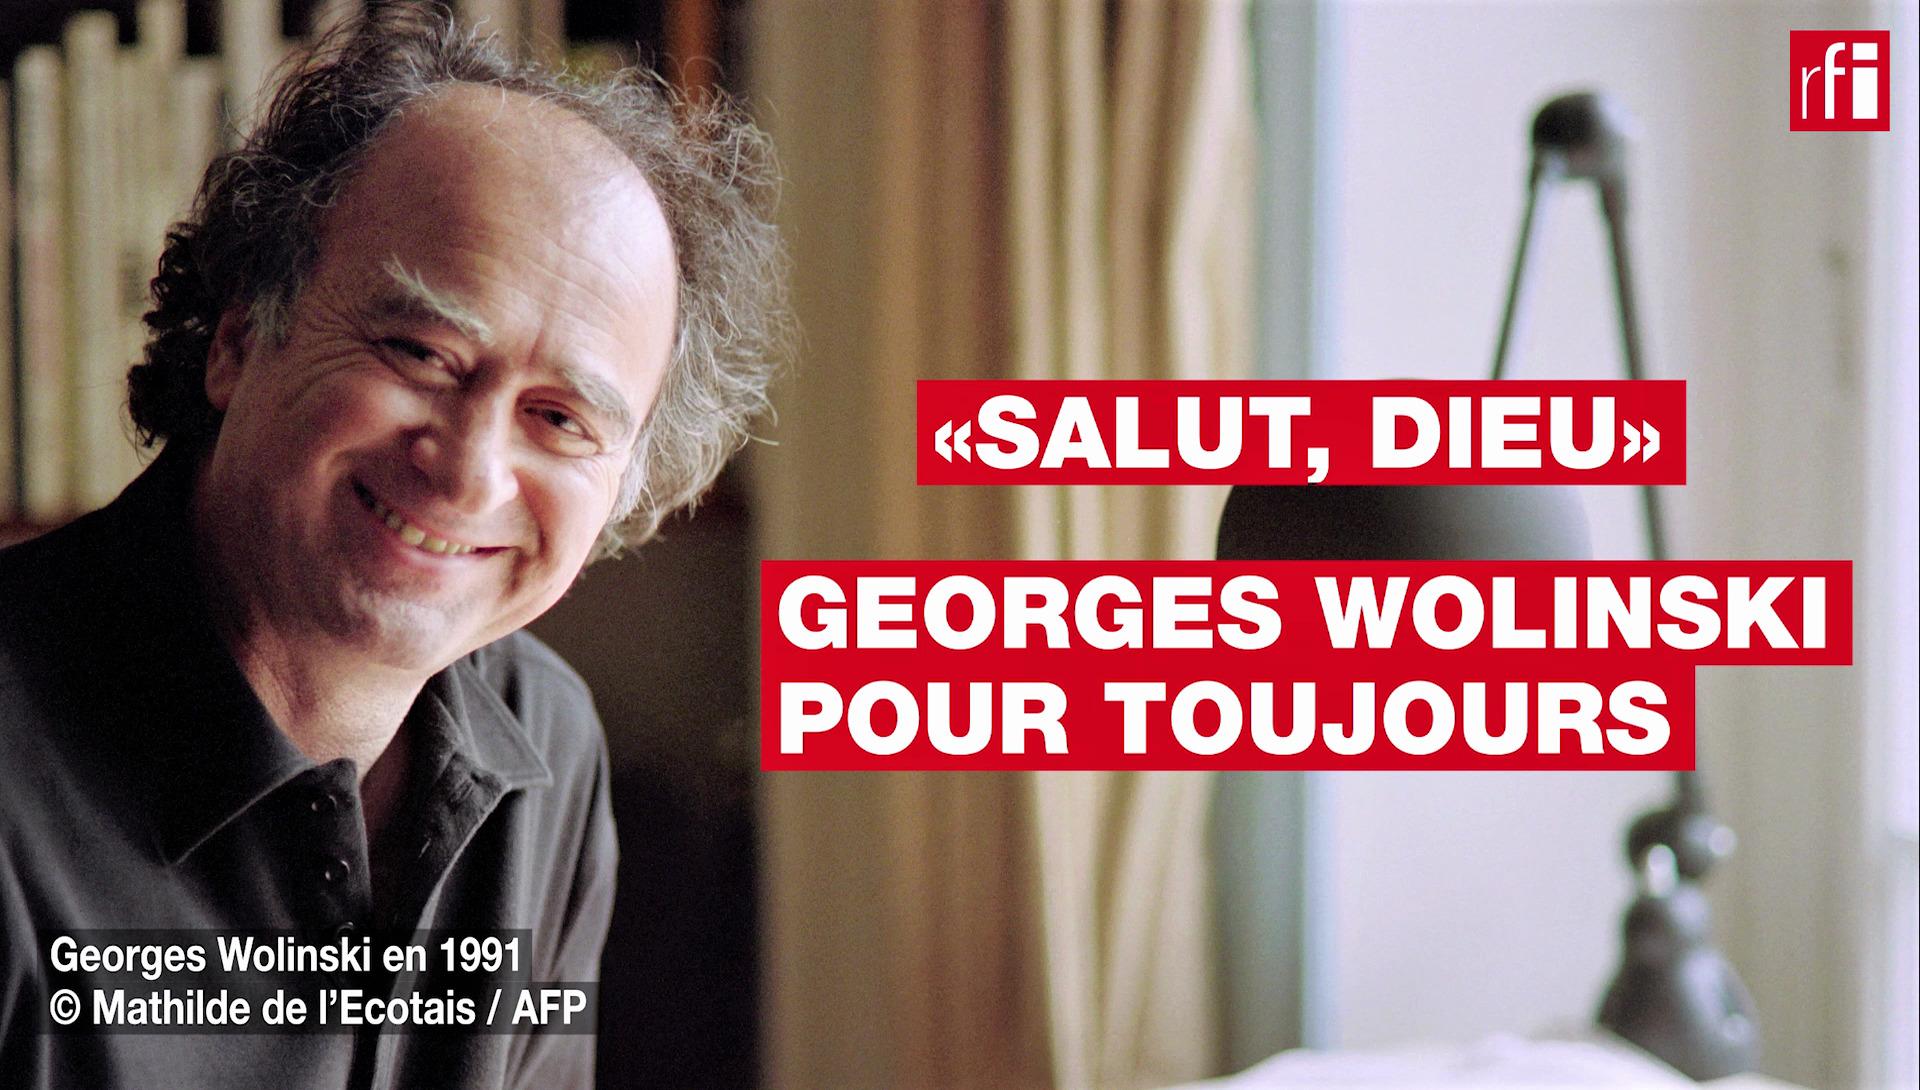 Georges Wolinski en 1991 © Mathilde de l'Ecotais / AFP